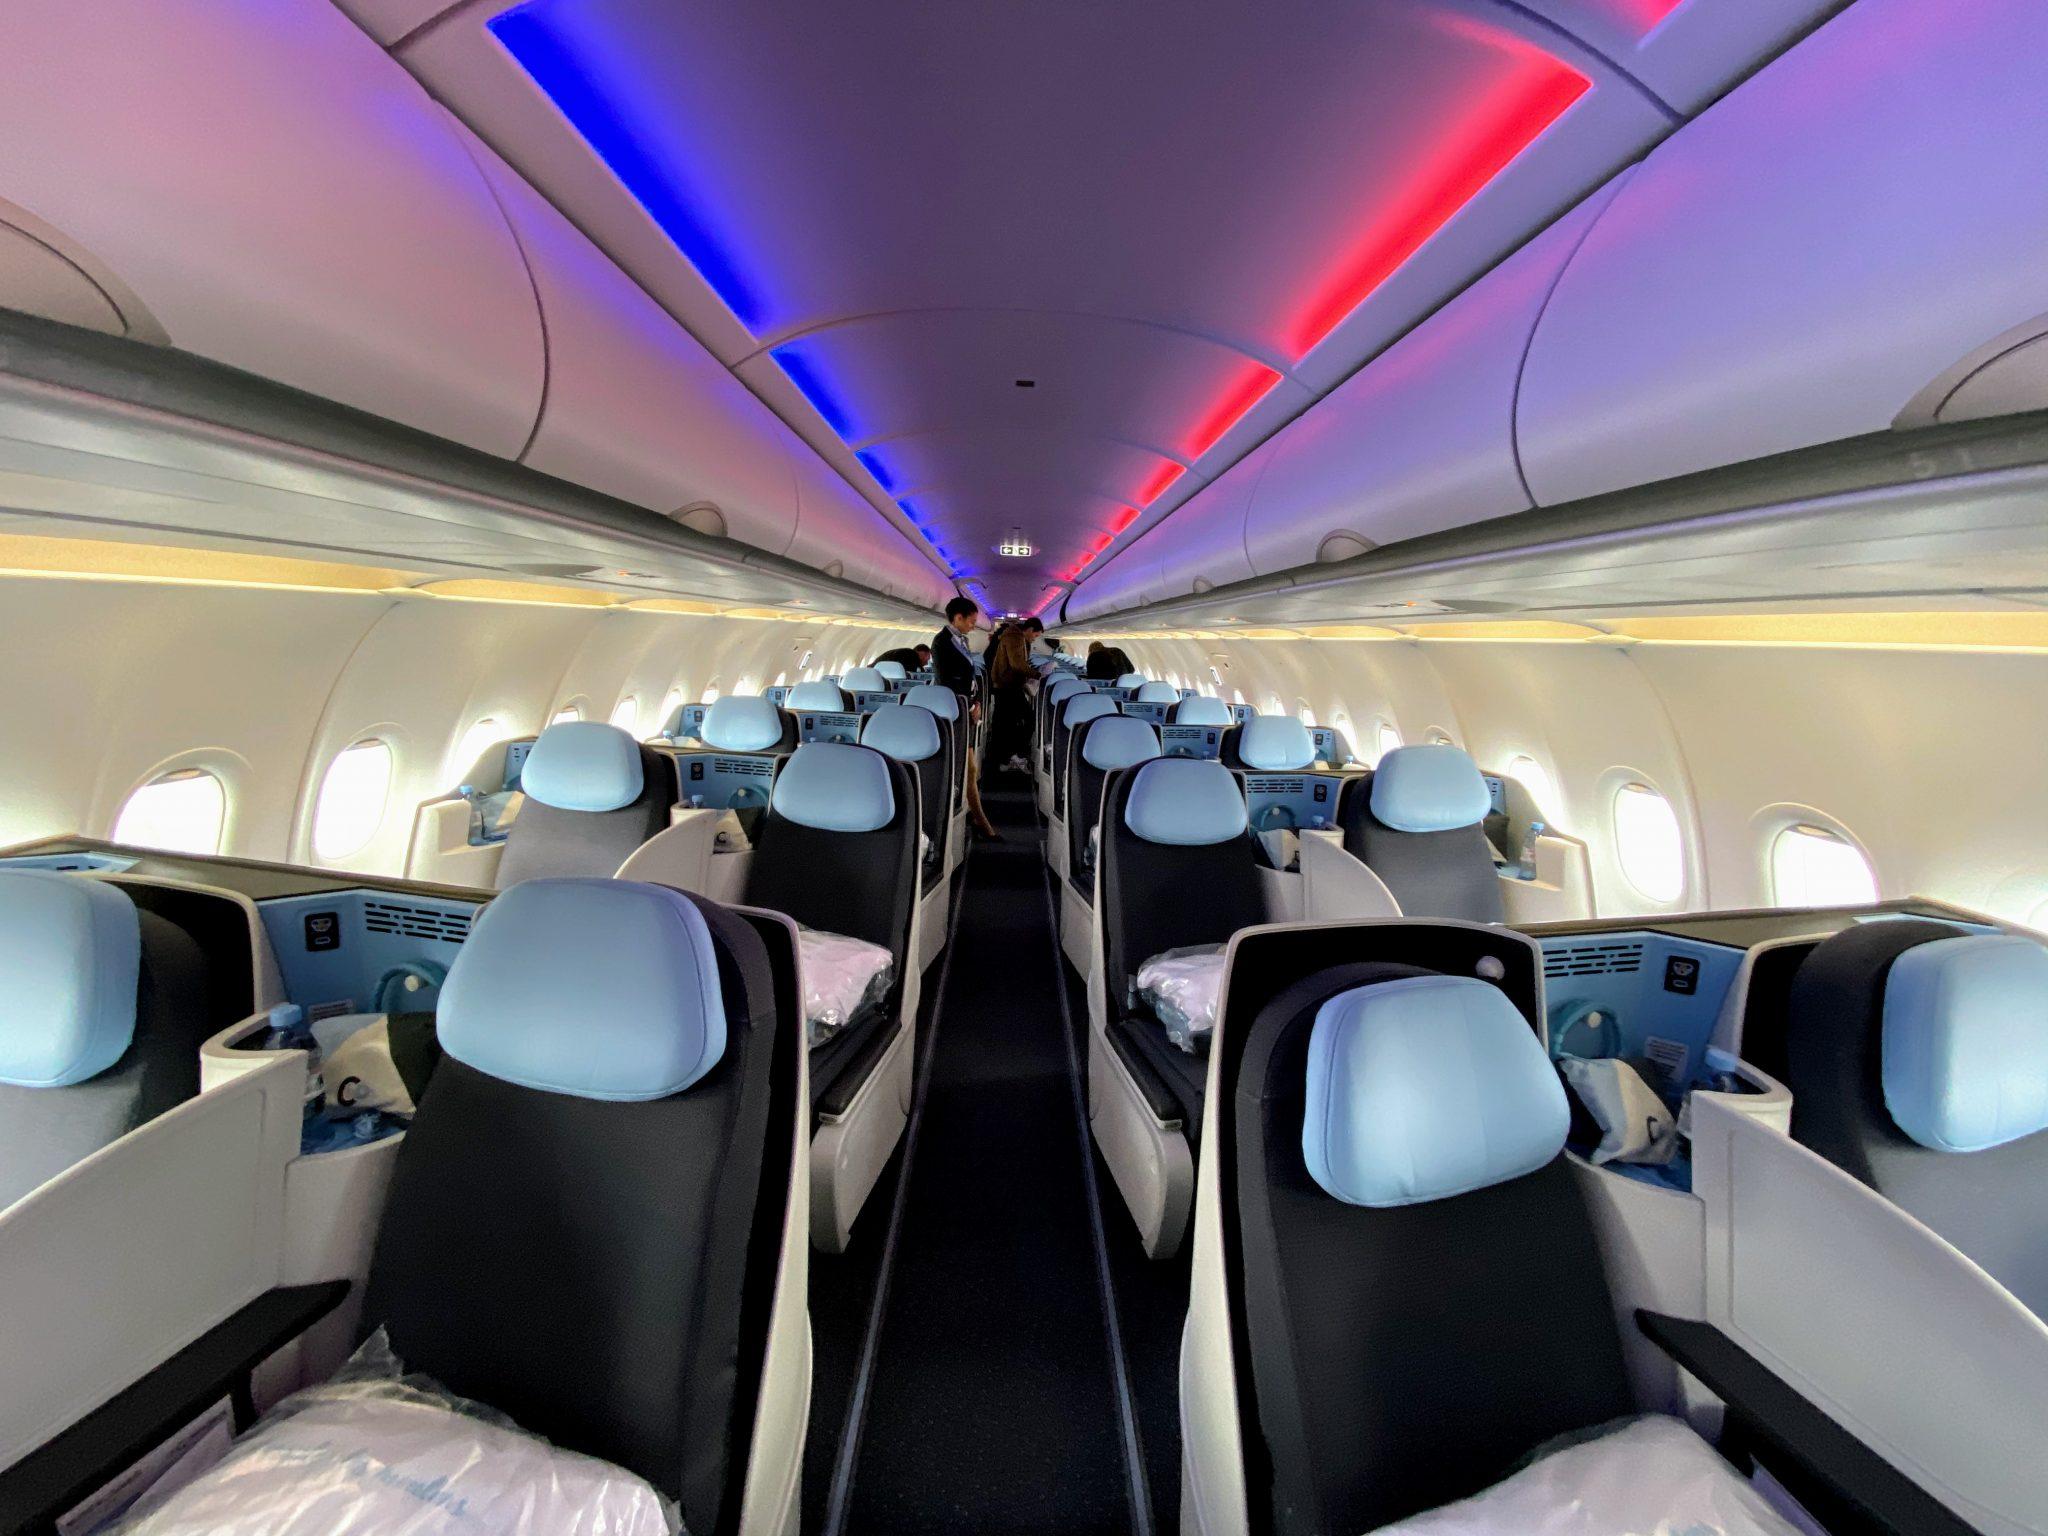 La Compagnie A321LR cabin